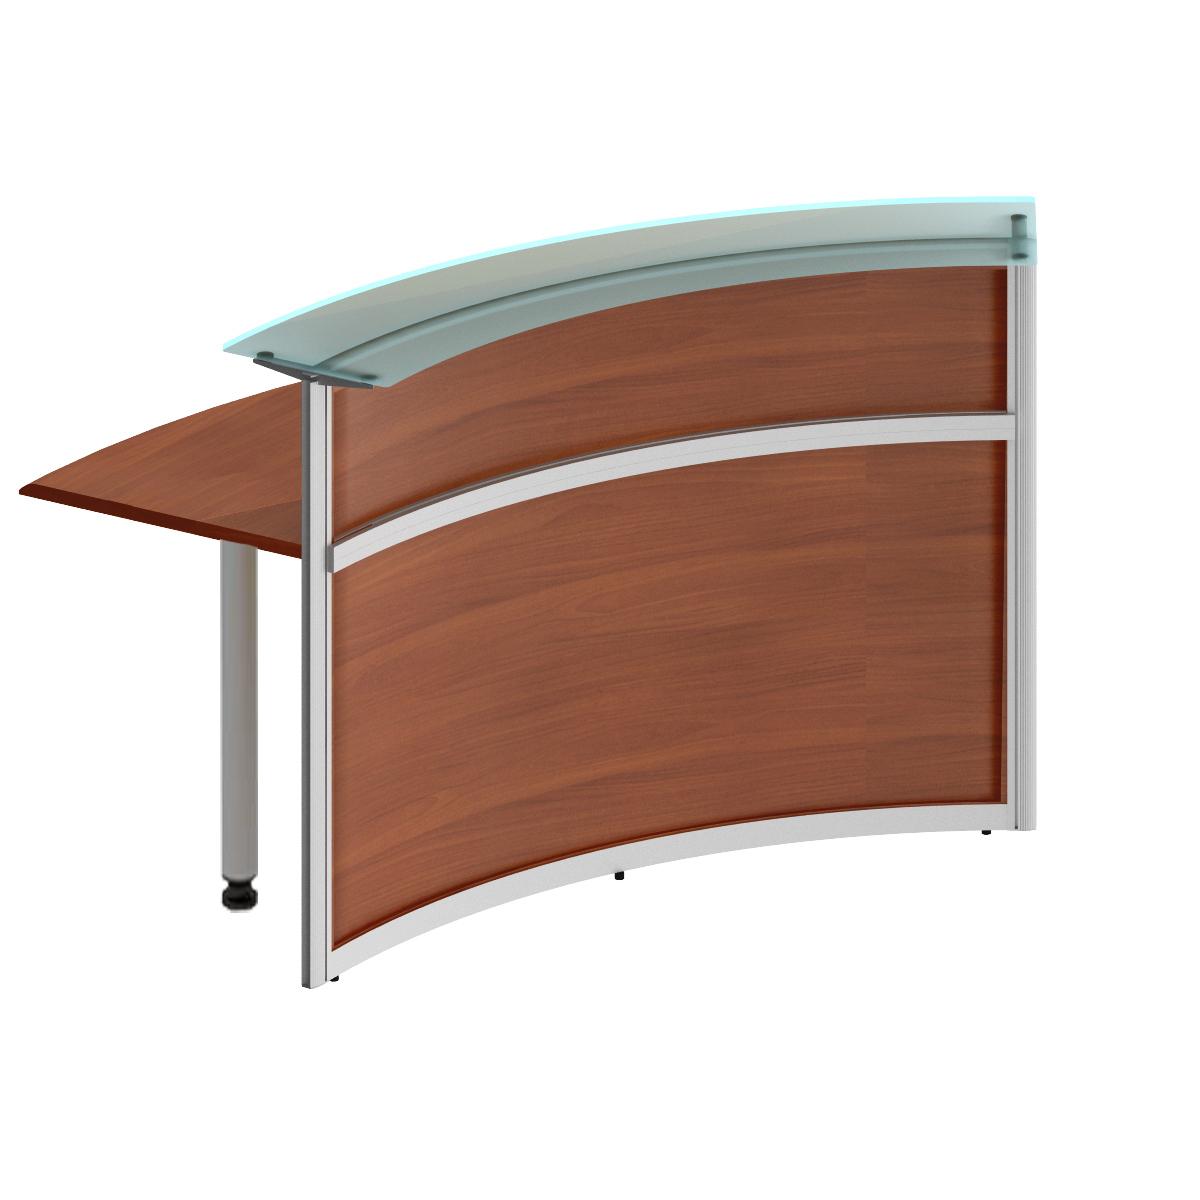 Модуль стойки ресепшн со стеклом 60 градусов изогнутой внутрь (без опор)